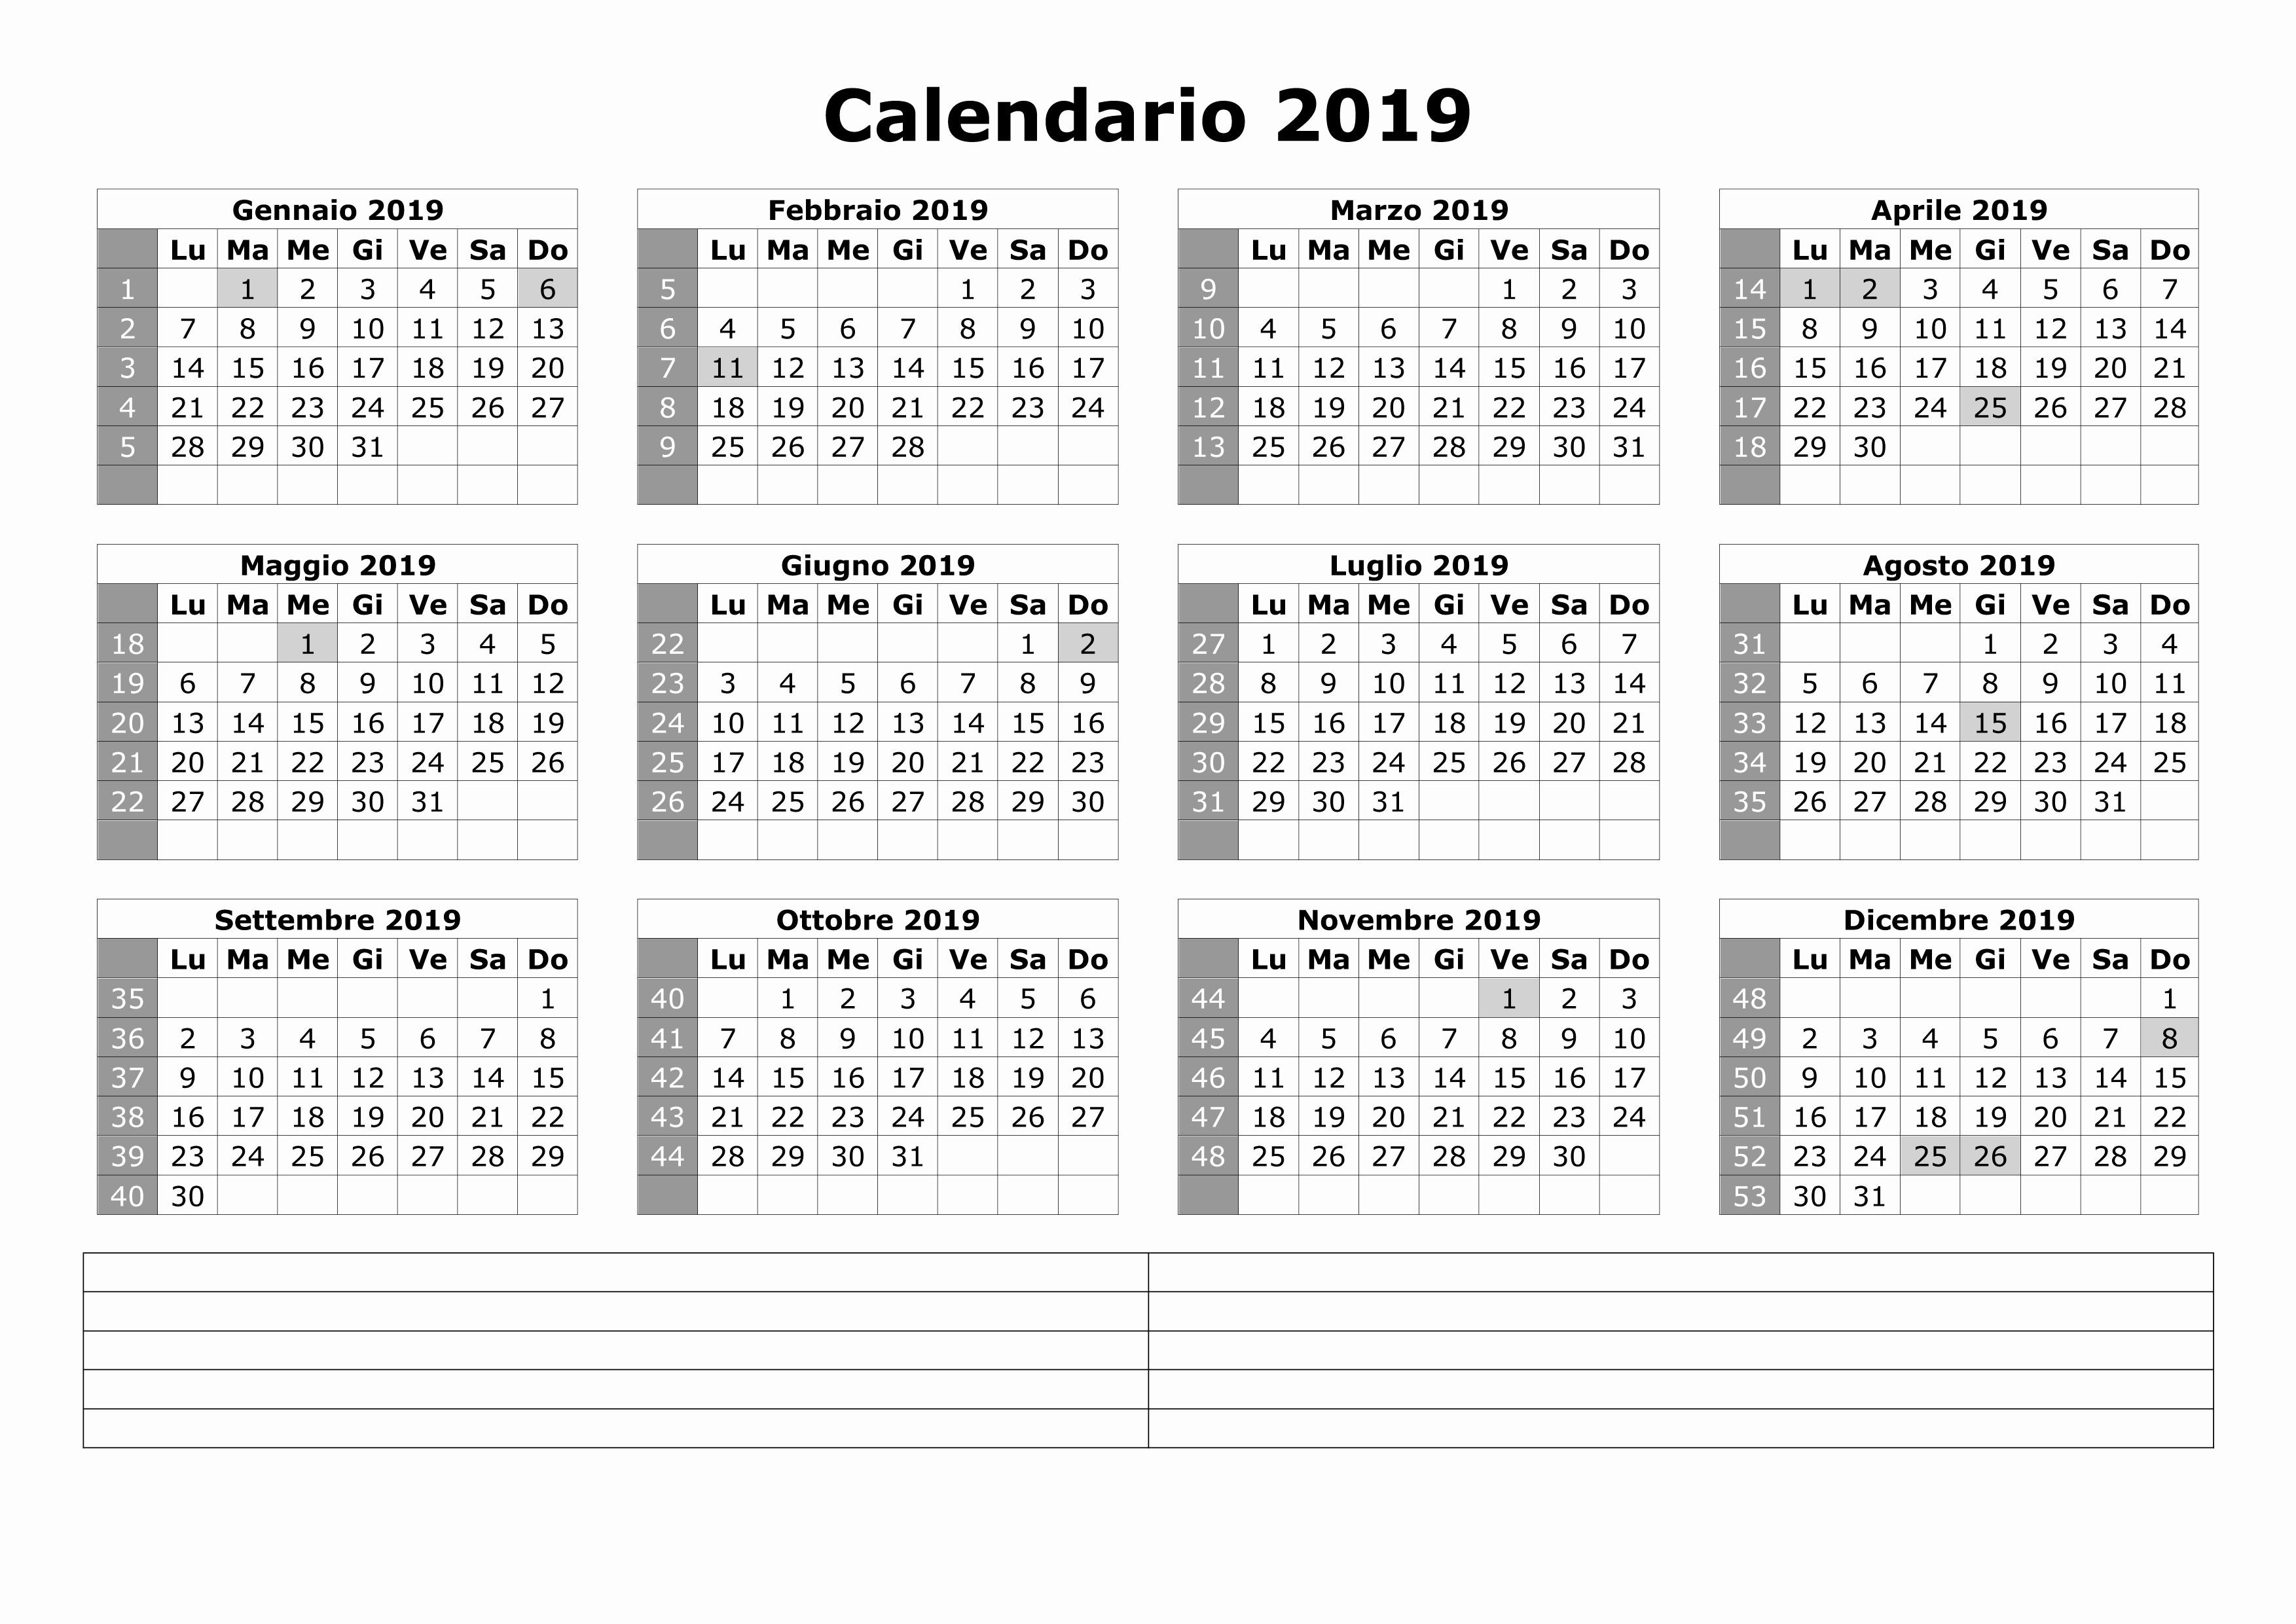 AVANCE SALIDAS CALENDARIO 2019